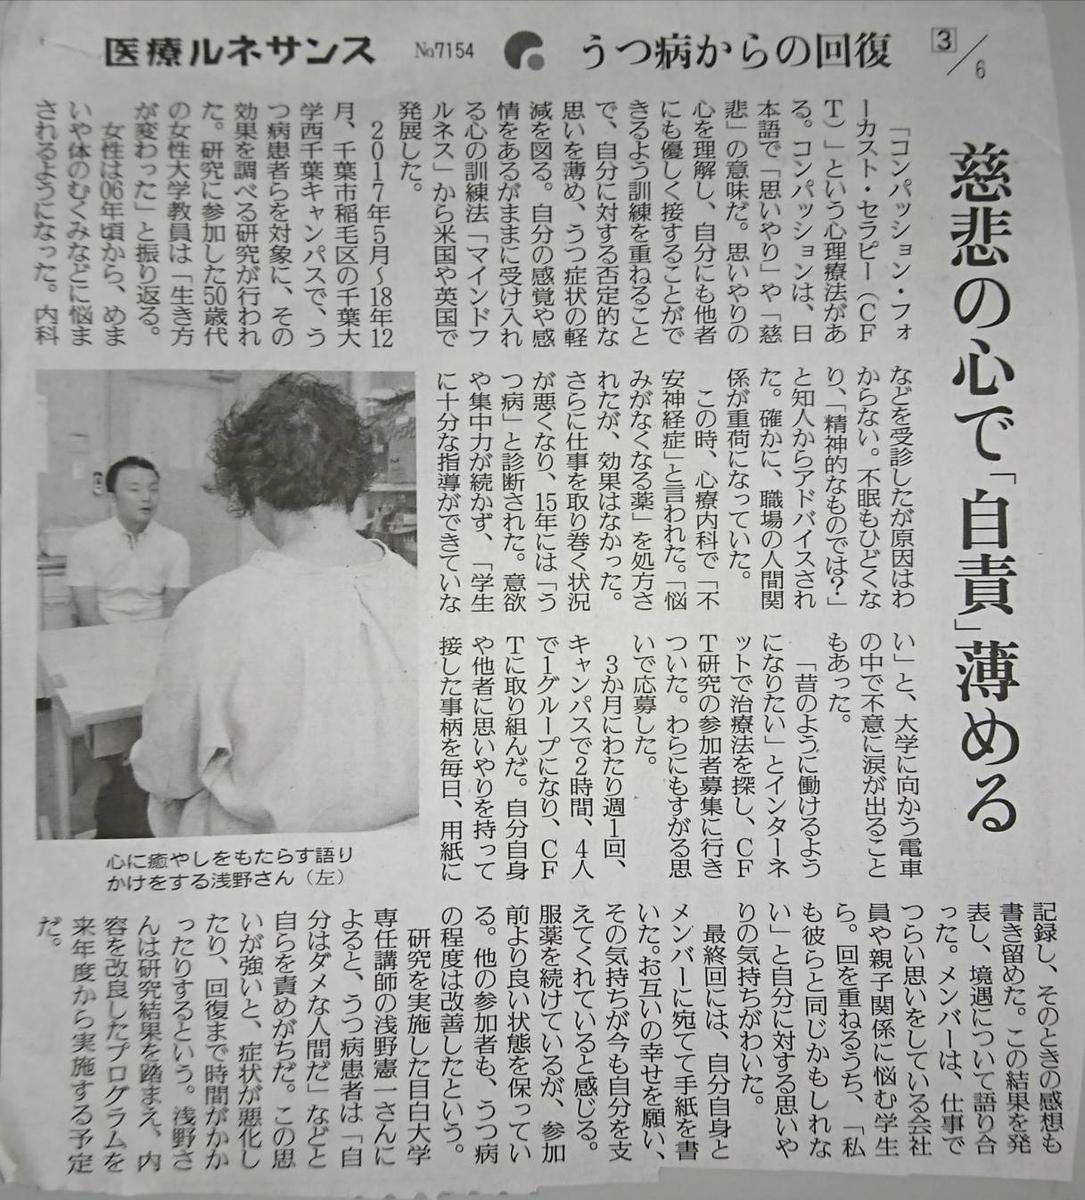 f:id:kazura-kobayashi:20200730144951j:plain